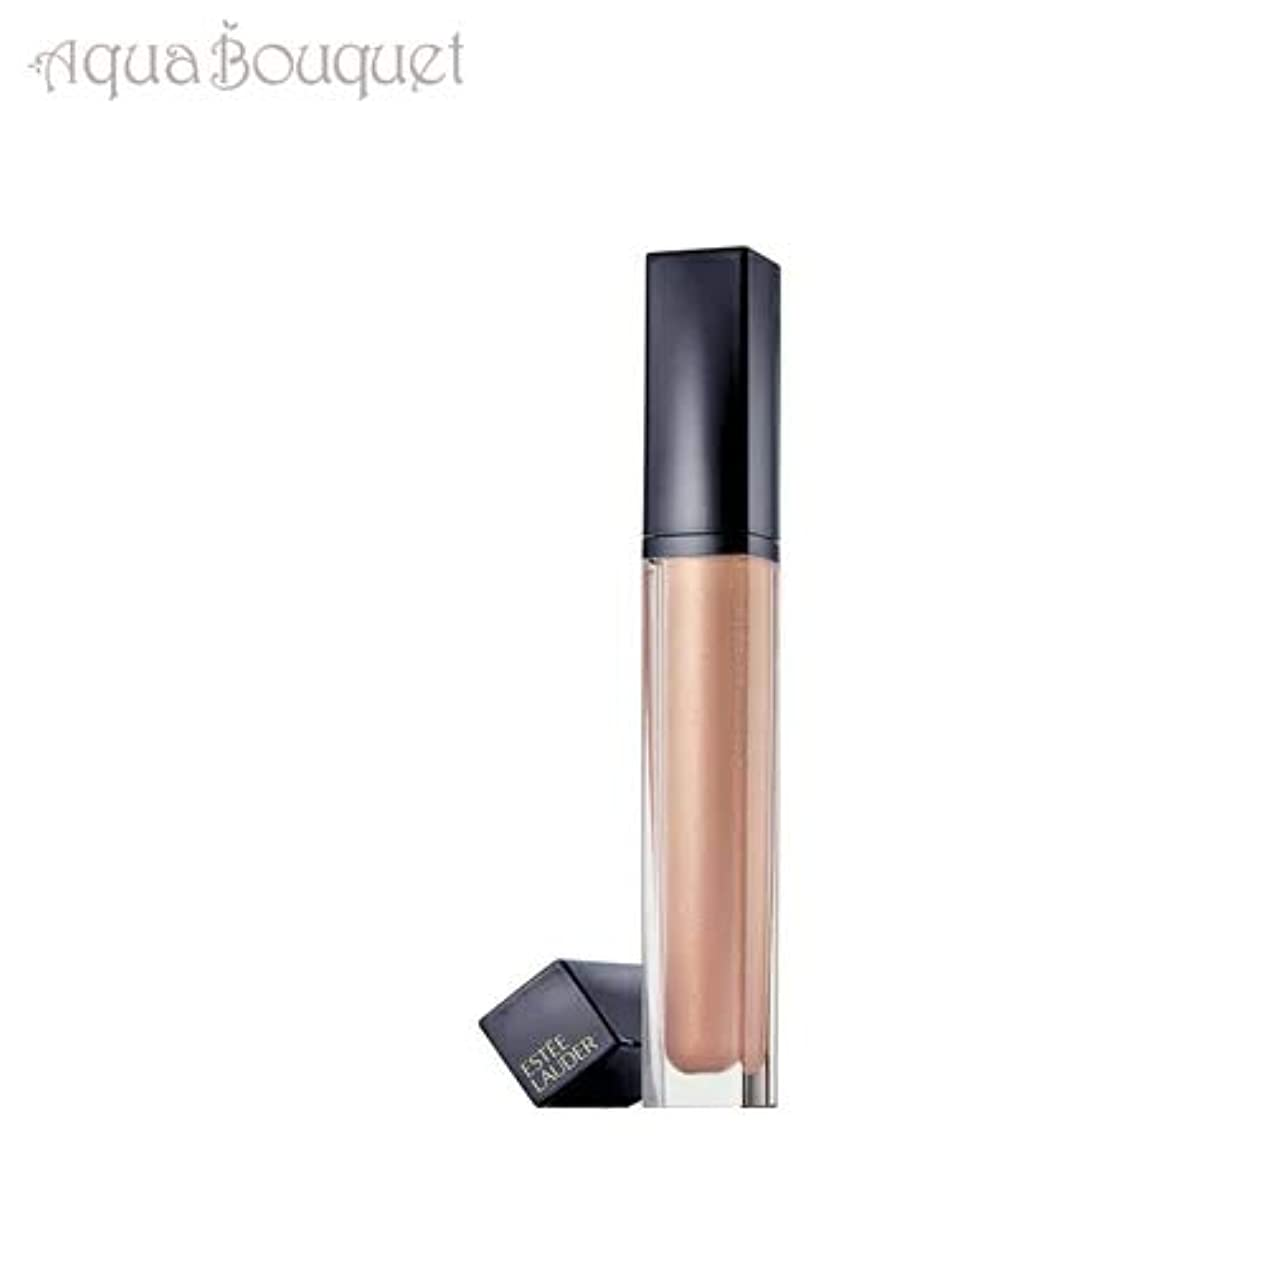 持続的湿原湿原エスティローダー ピュア カラー エンヴィ グロス 01 ディスクリート ヌード ESTEE LAUDERPure Color Envy Sculpting Gloss Discreet Nud [並行輸入品]